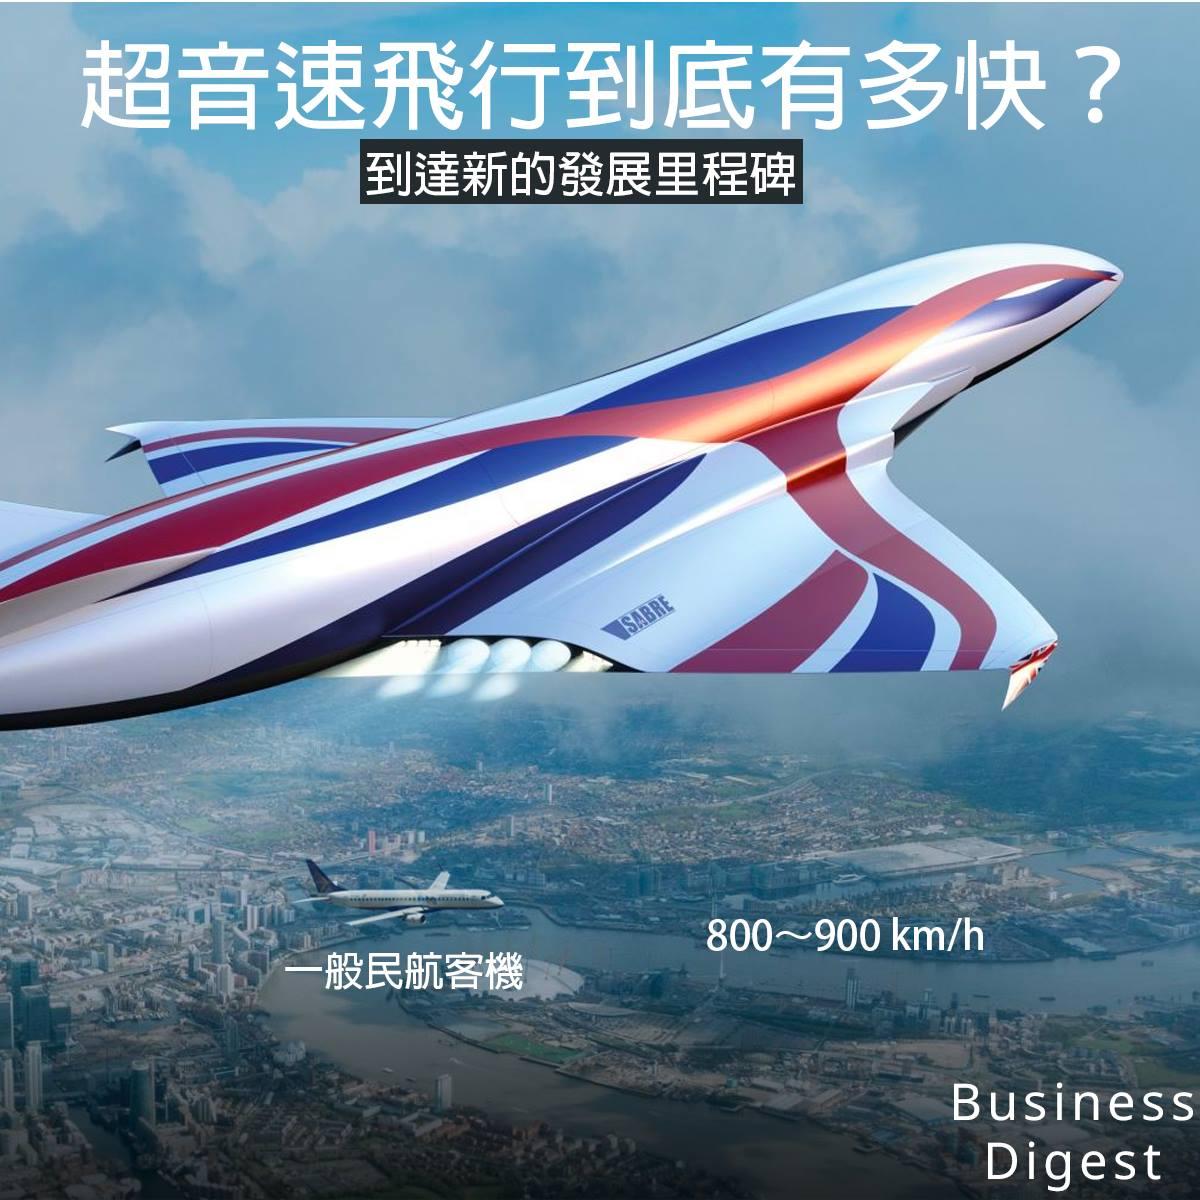 【商業熱話】超音速飛行到底有多快?